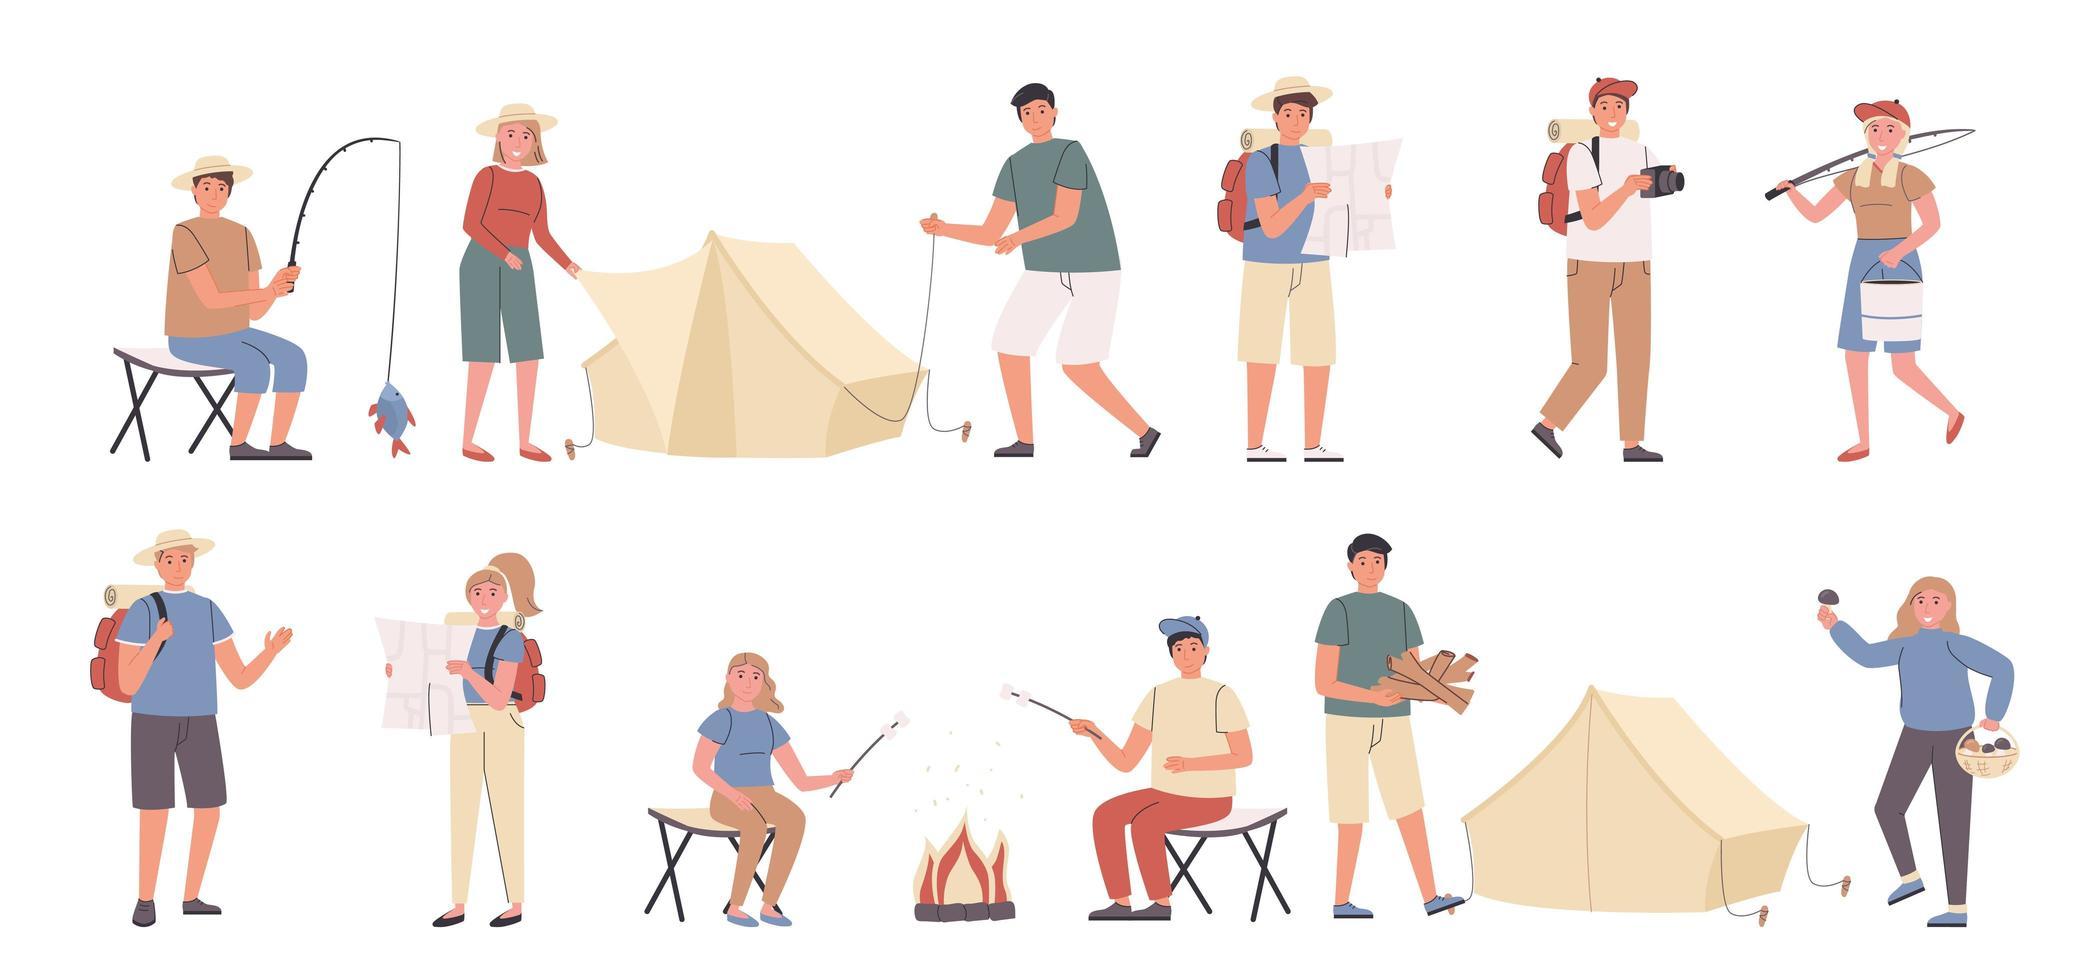 Campingausflug, Freizeit in der Natur, umweltfreundlicher, flacher Zeichensatz vektor